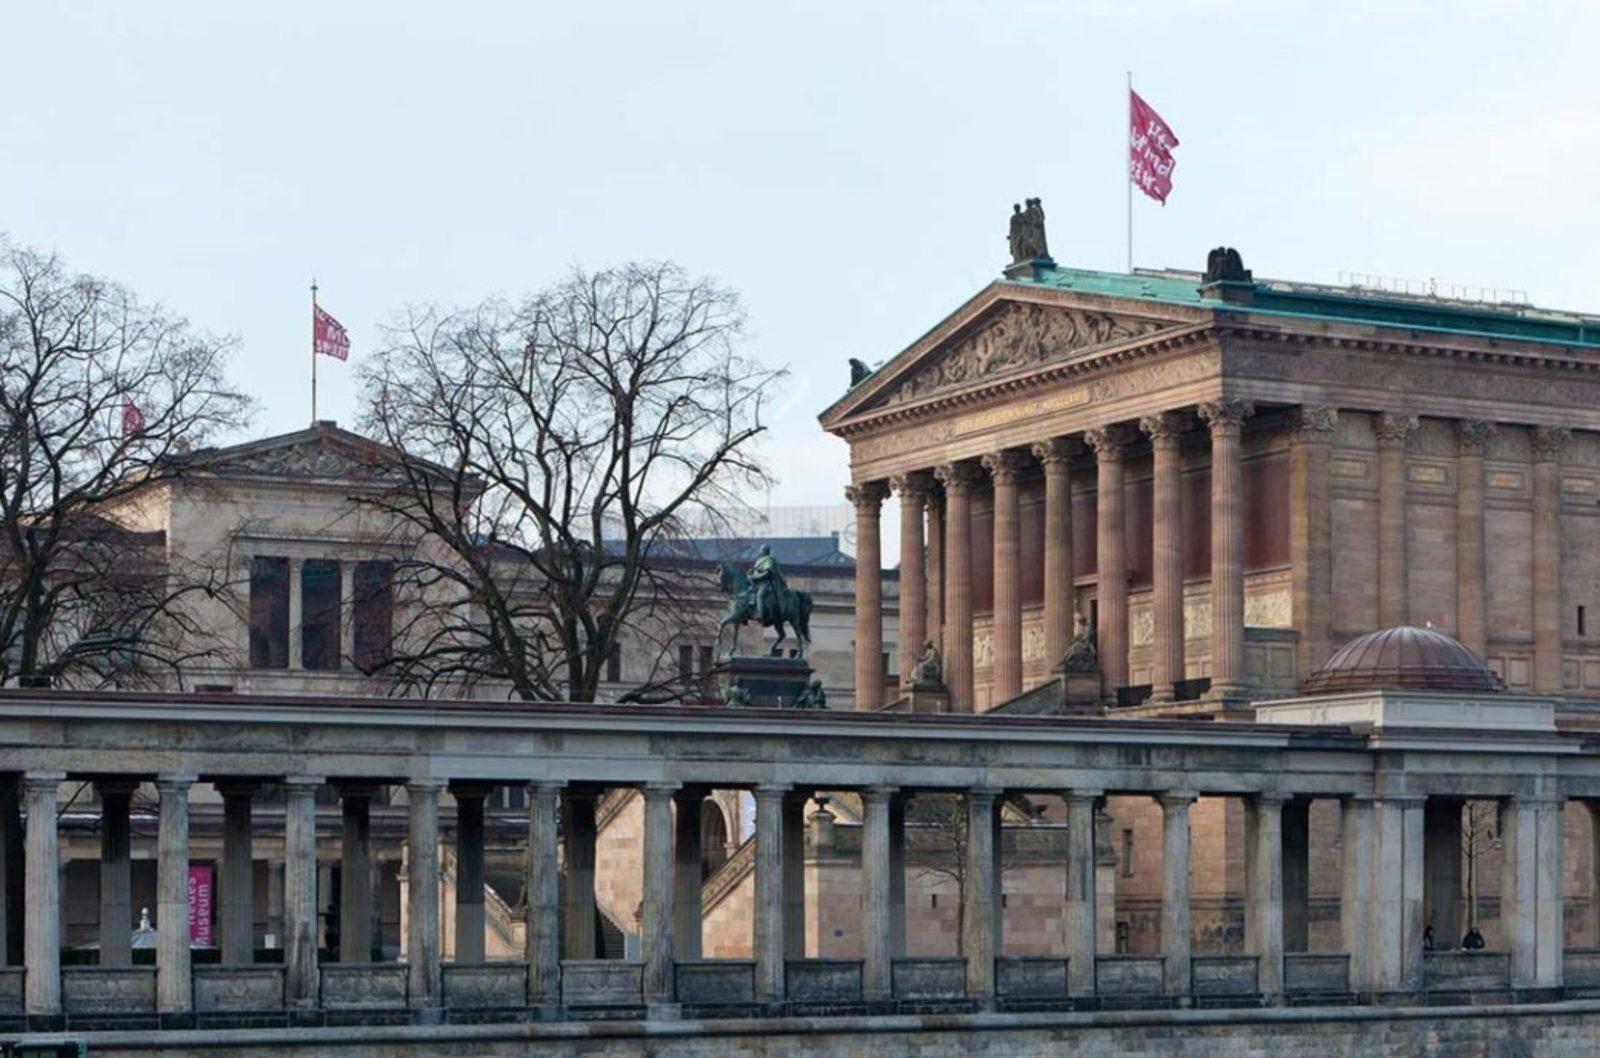 Museen Zu Berlin